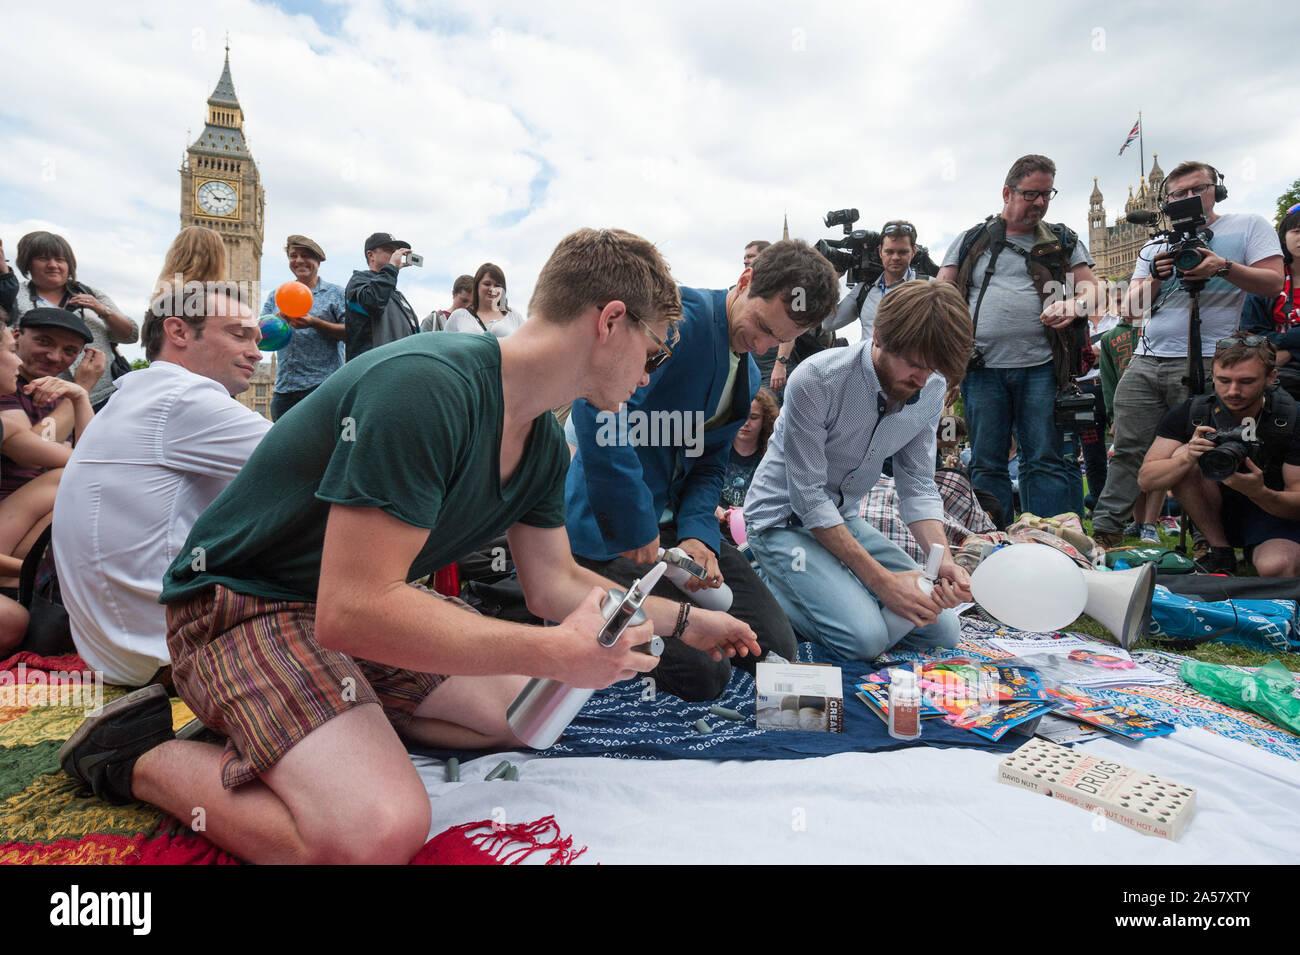 La place du parlement, Londres, Royaume-Uni. 1er août 2015. Environ 50 militants pro substance psychoactive se rassembler à la place du Parlement à Londres à l'inhaler l Banque D'Images